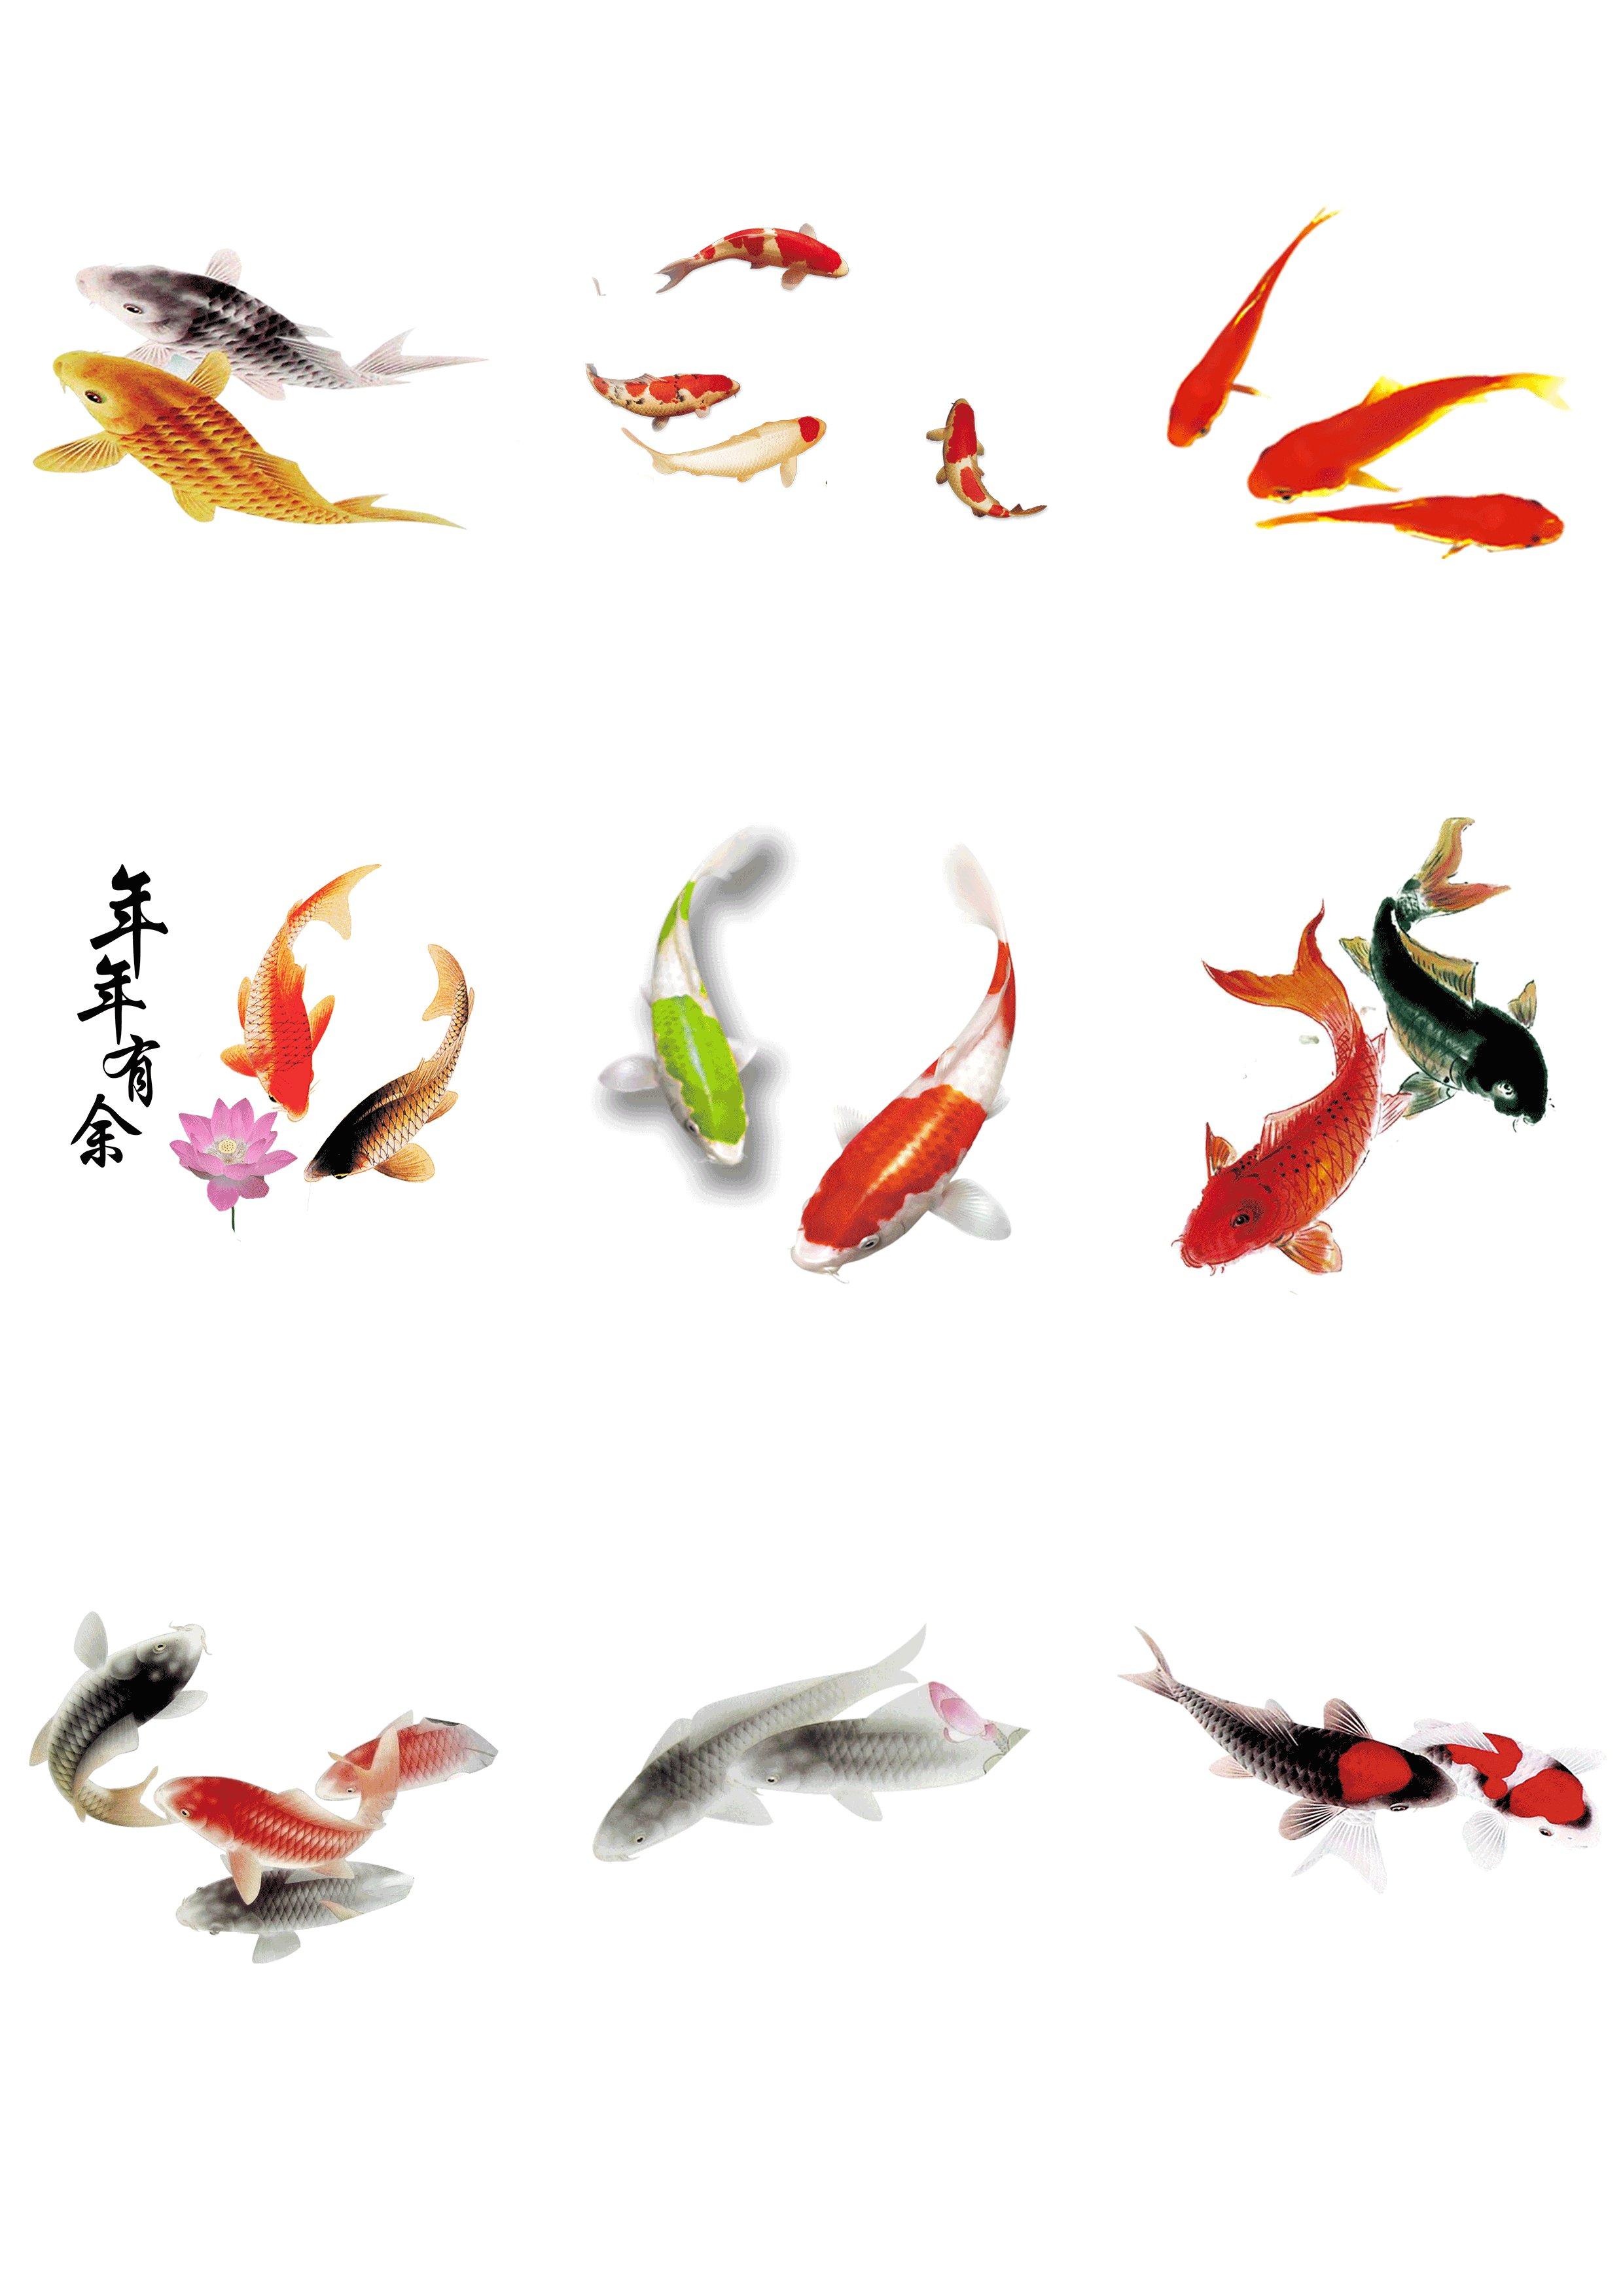 国画鱼的画法步骤简单